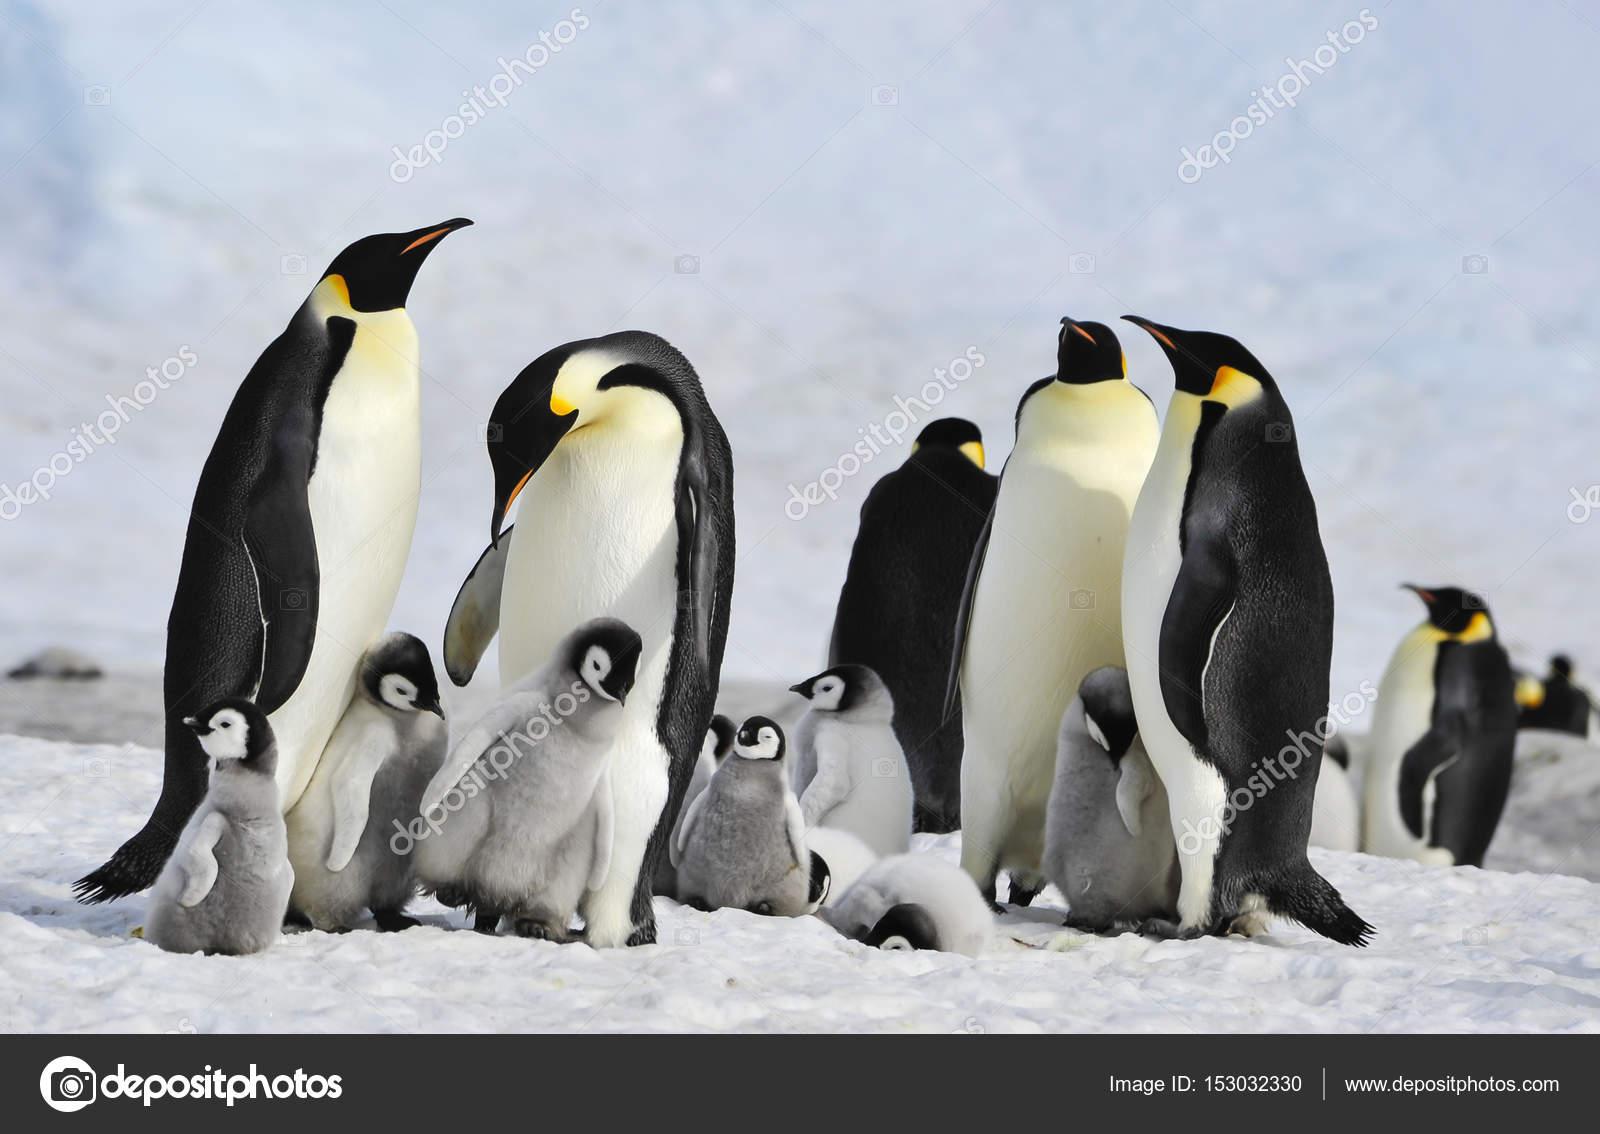 皇帝企鵝_企鵝_帝企鵝_企鵝qq - www.bolingtuan.com